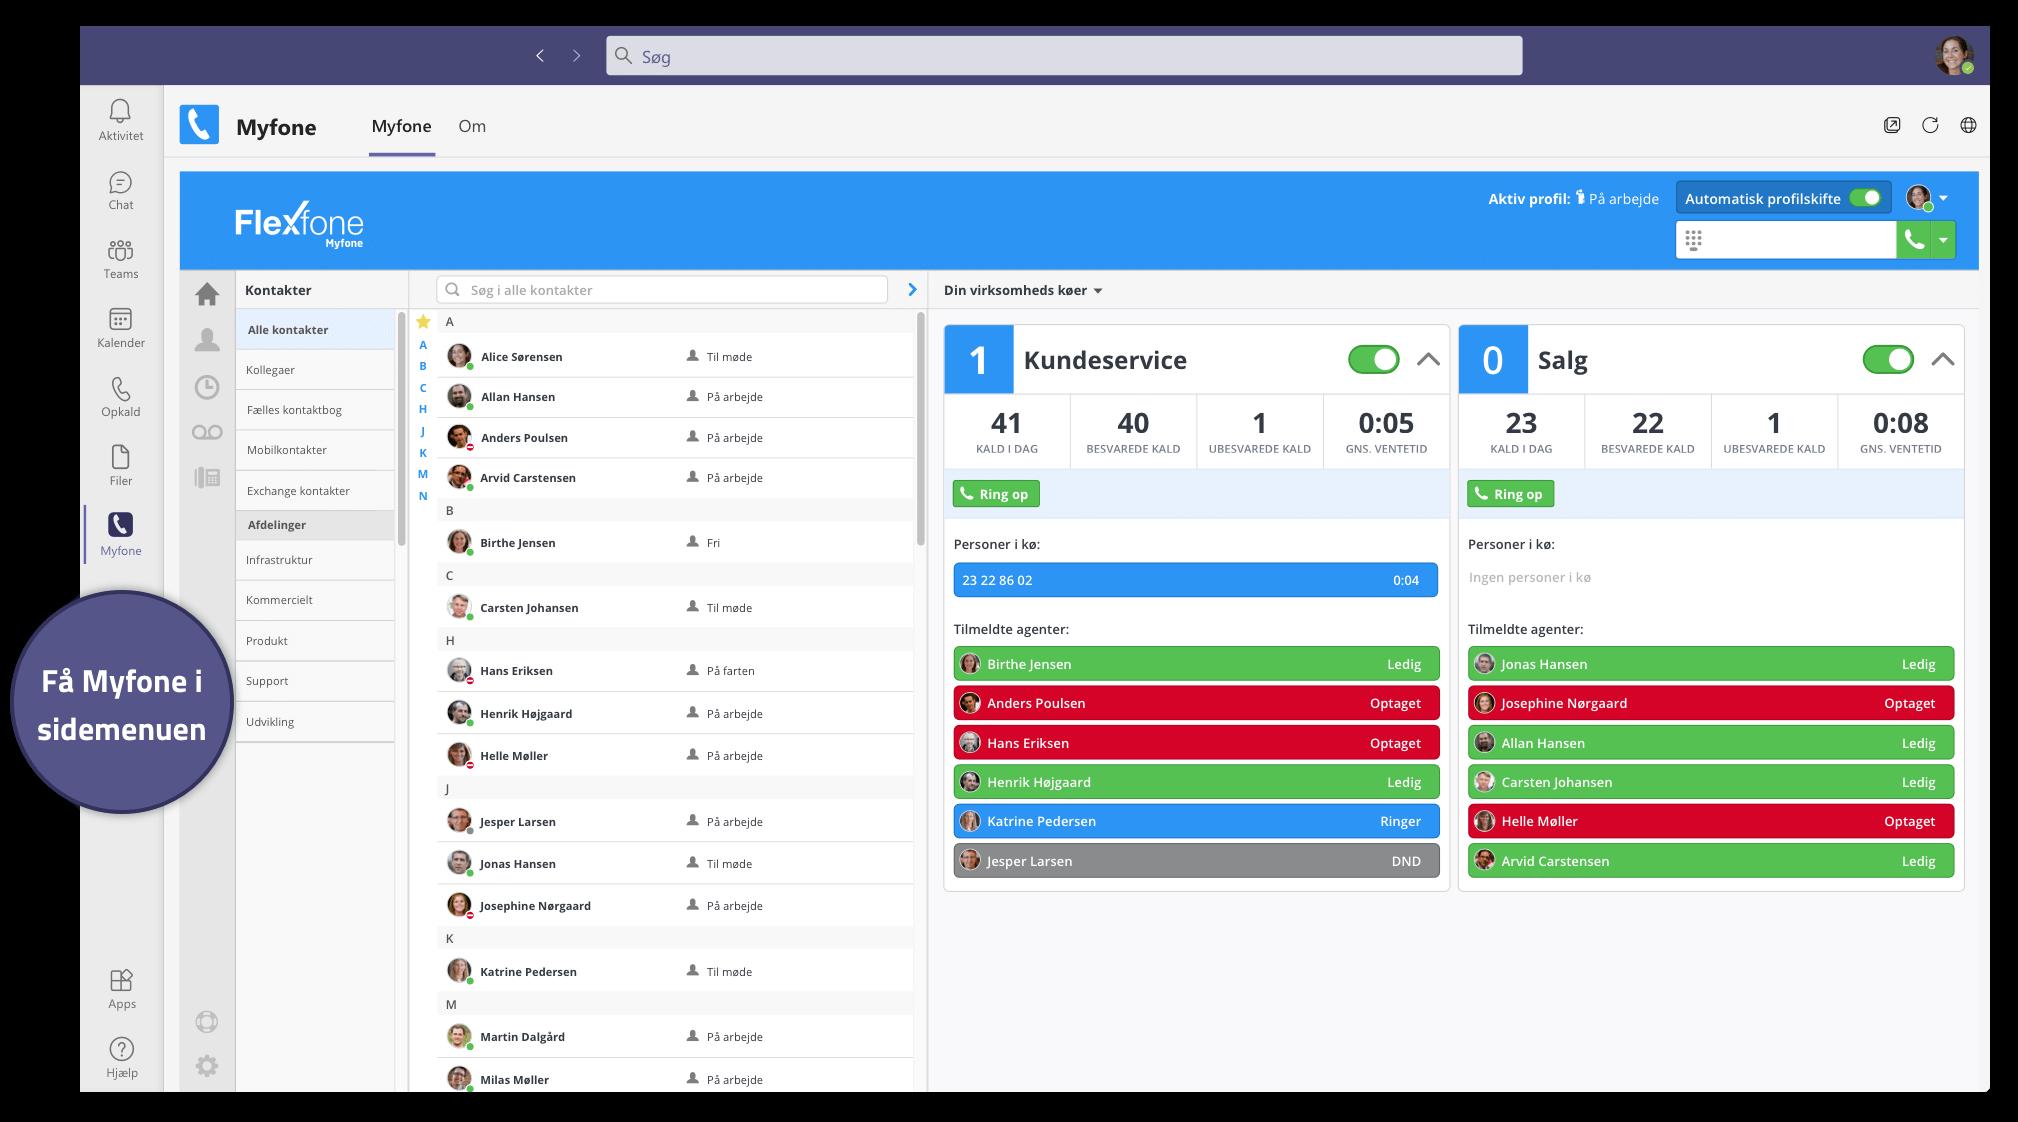 Flexfone har udviklet en app til Teams så I har al jeres telefoni inde i Teams. I kan derfor både foretage, modtage og omstille opkald.